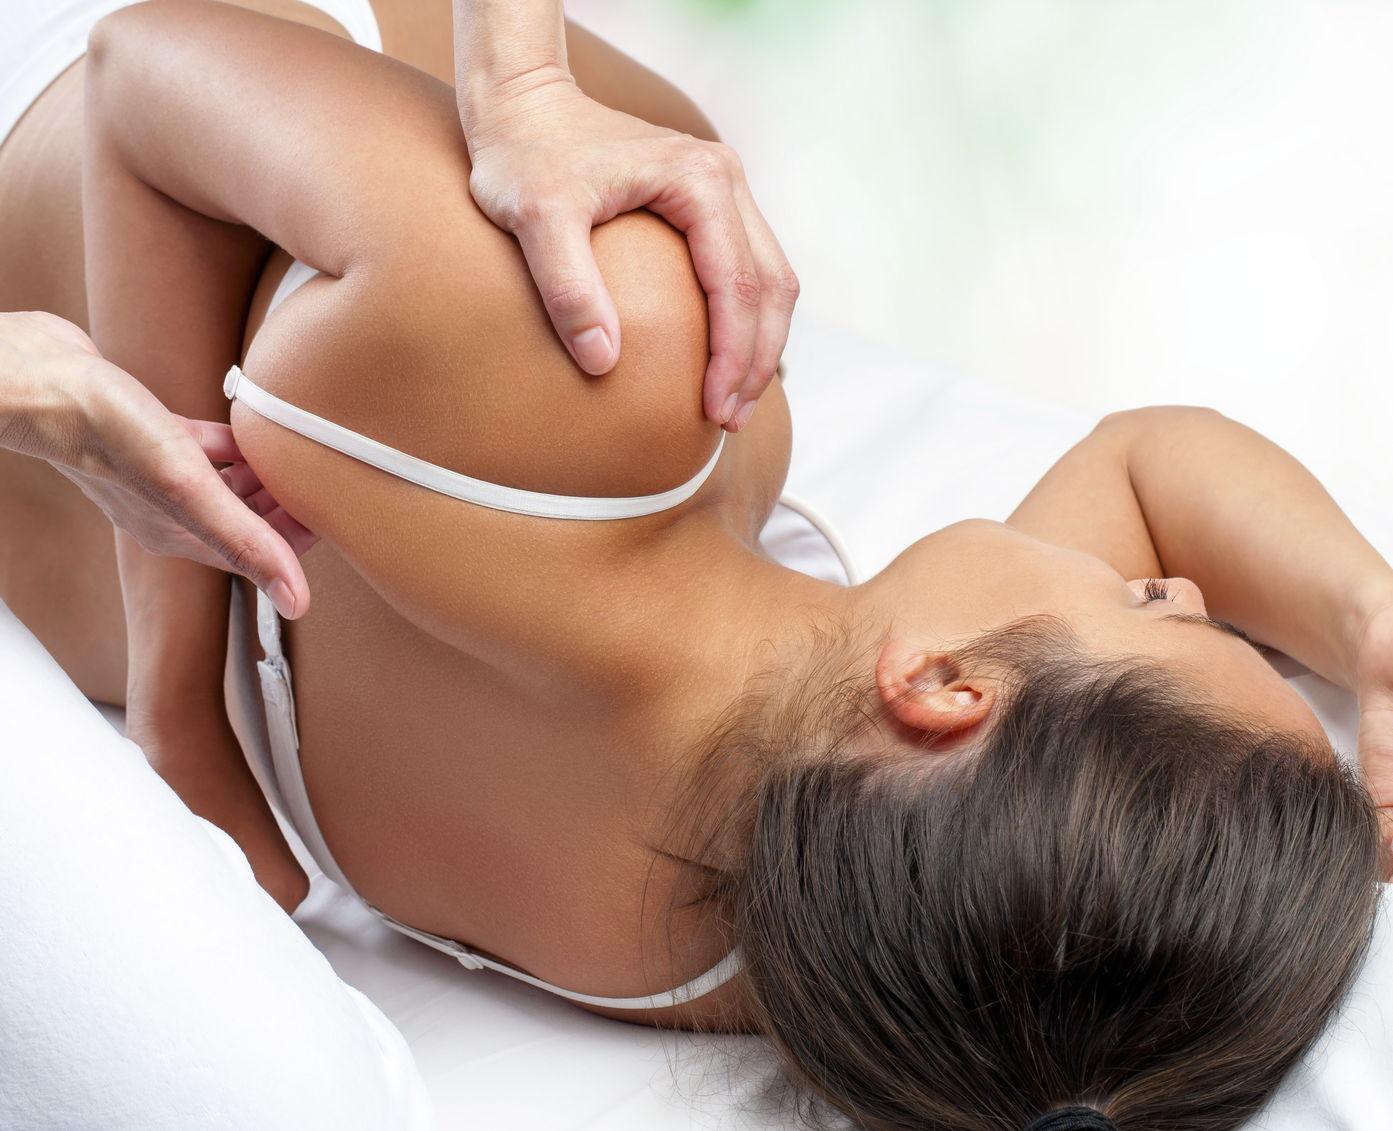 Una paziente durante una manipolazione osteopatica